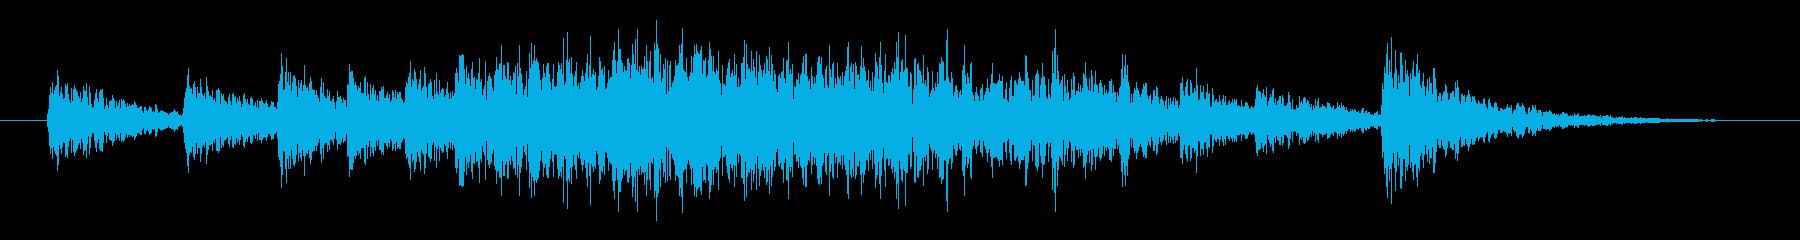 皇帝や王様登場時によく聴くドラの鐘音ですの再生済みの波形